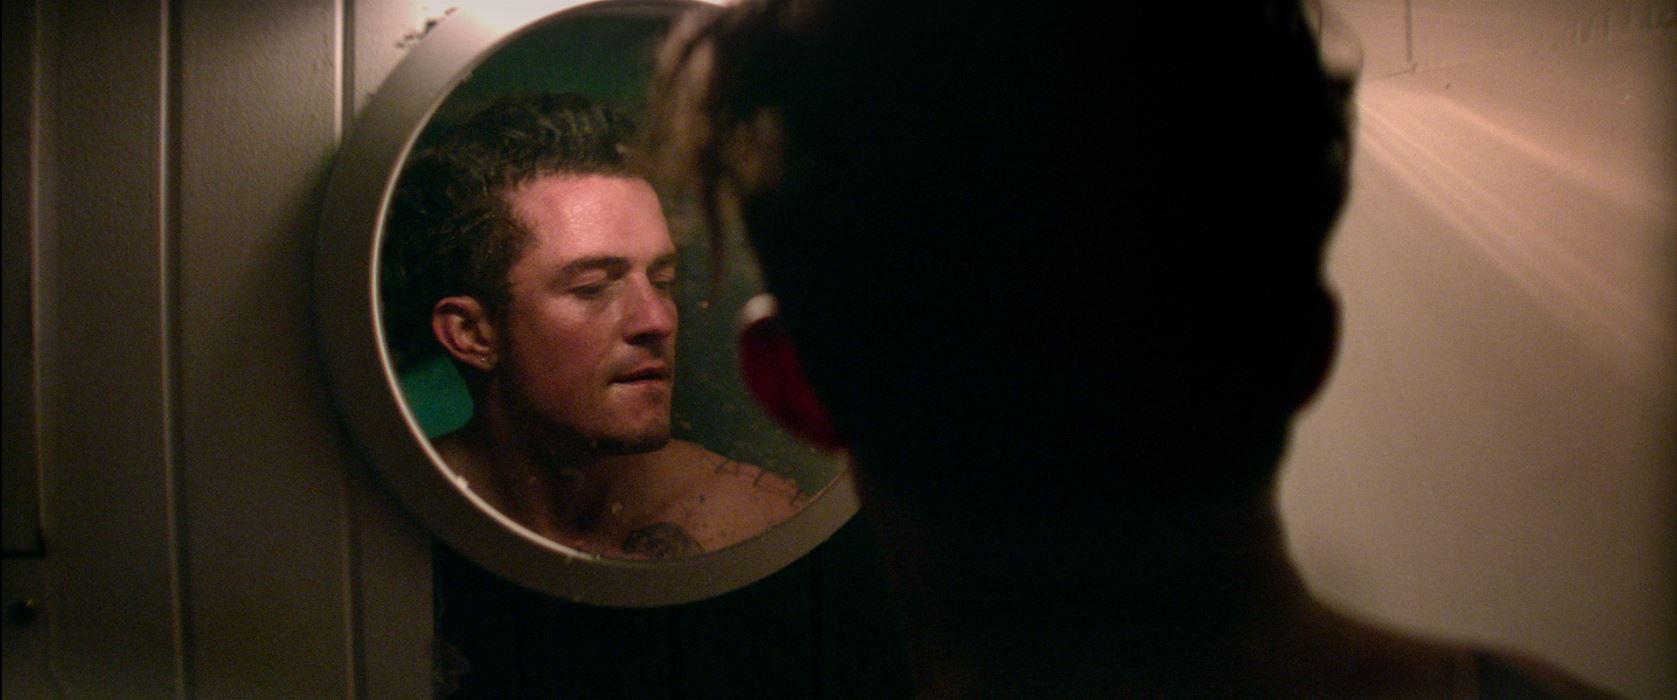 Kadr z filmu 'Gniew' (fot. materiały promocyjne)